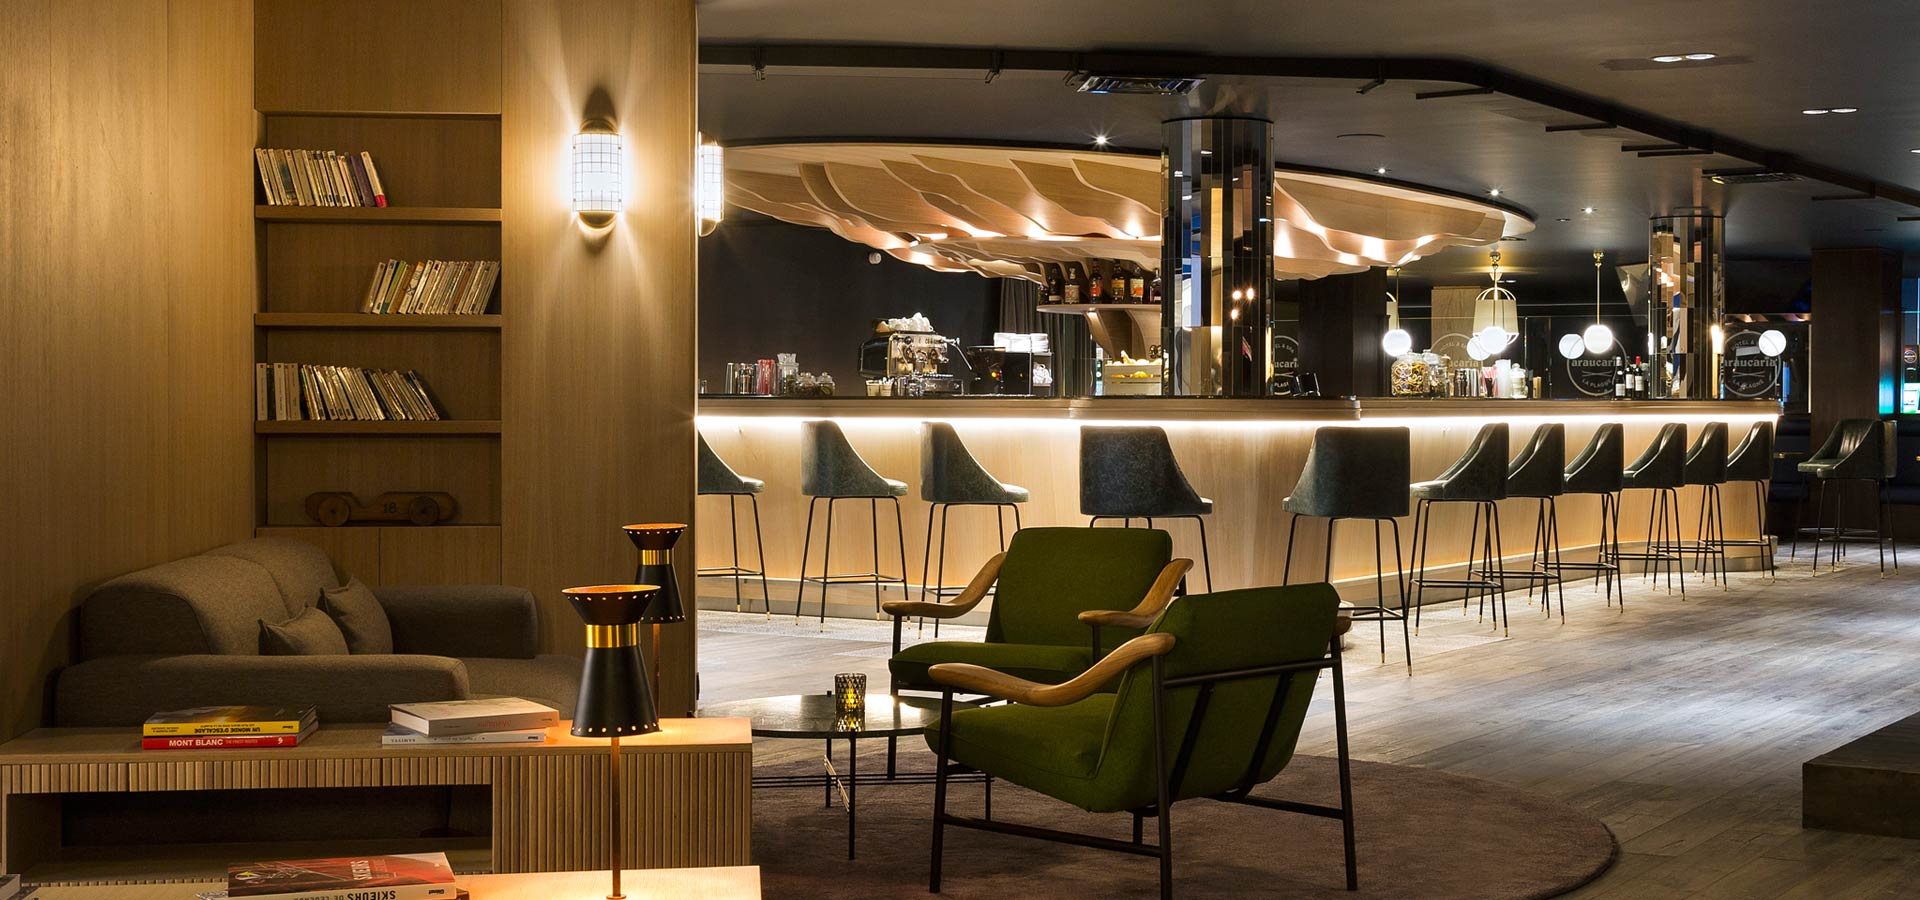 Agencement rdc et bar | Poitoux